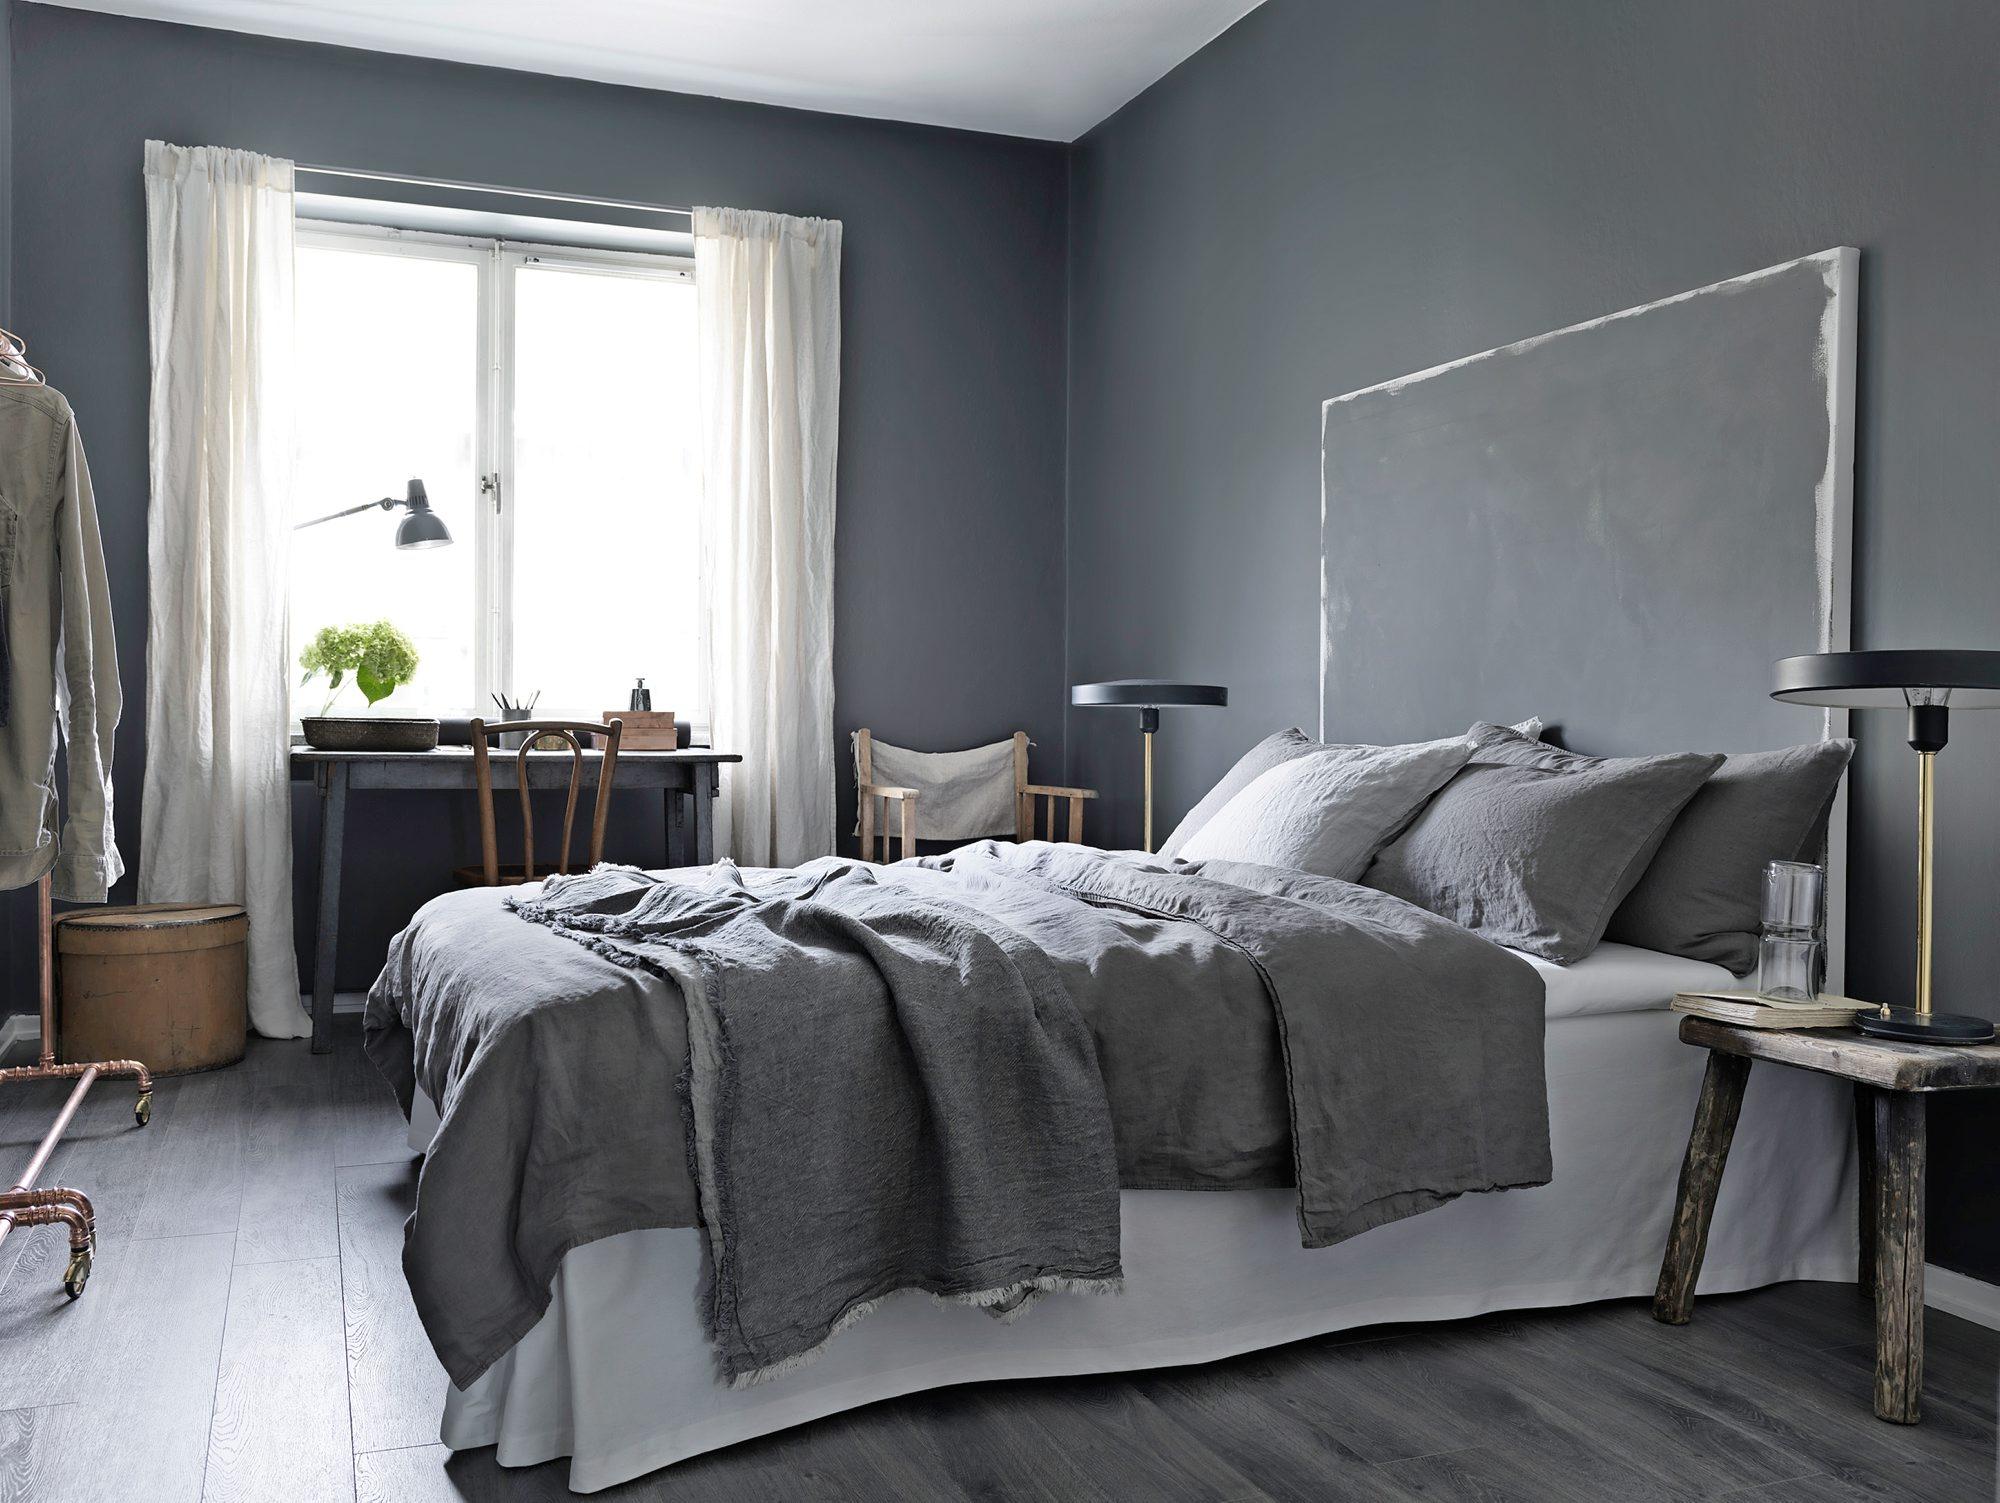 Varmgrå soverom